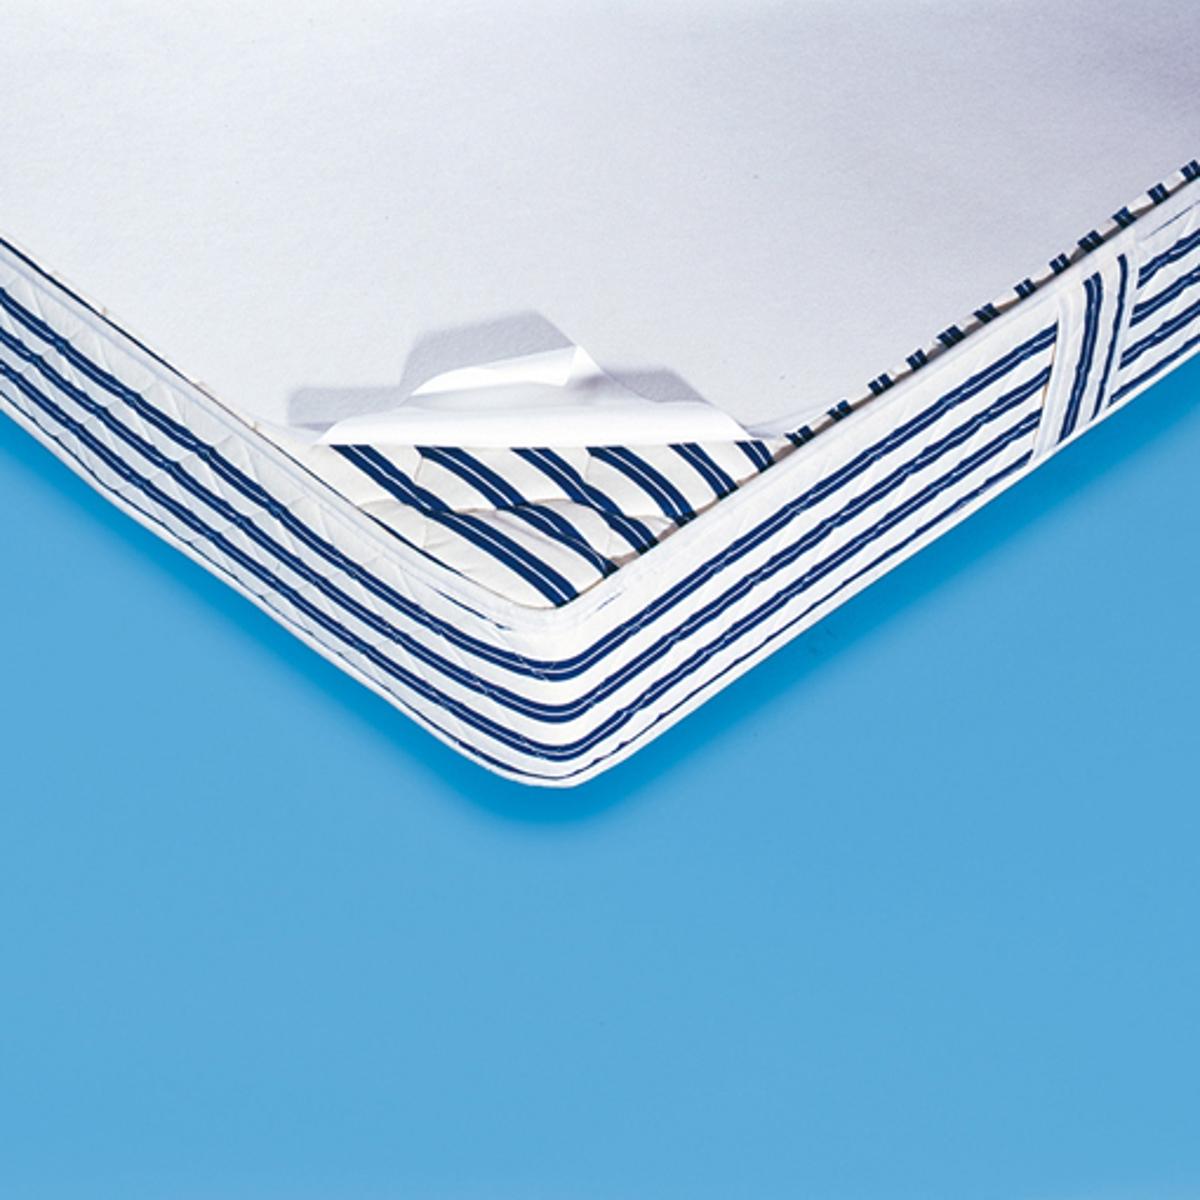 Confezione da 5 coprimaterassi usa e getta impermeabili